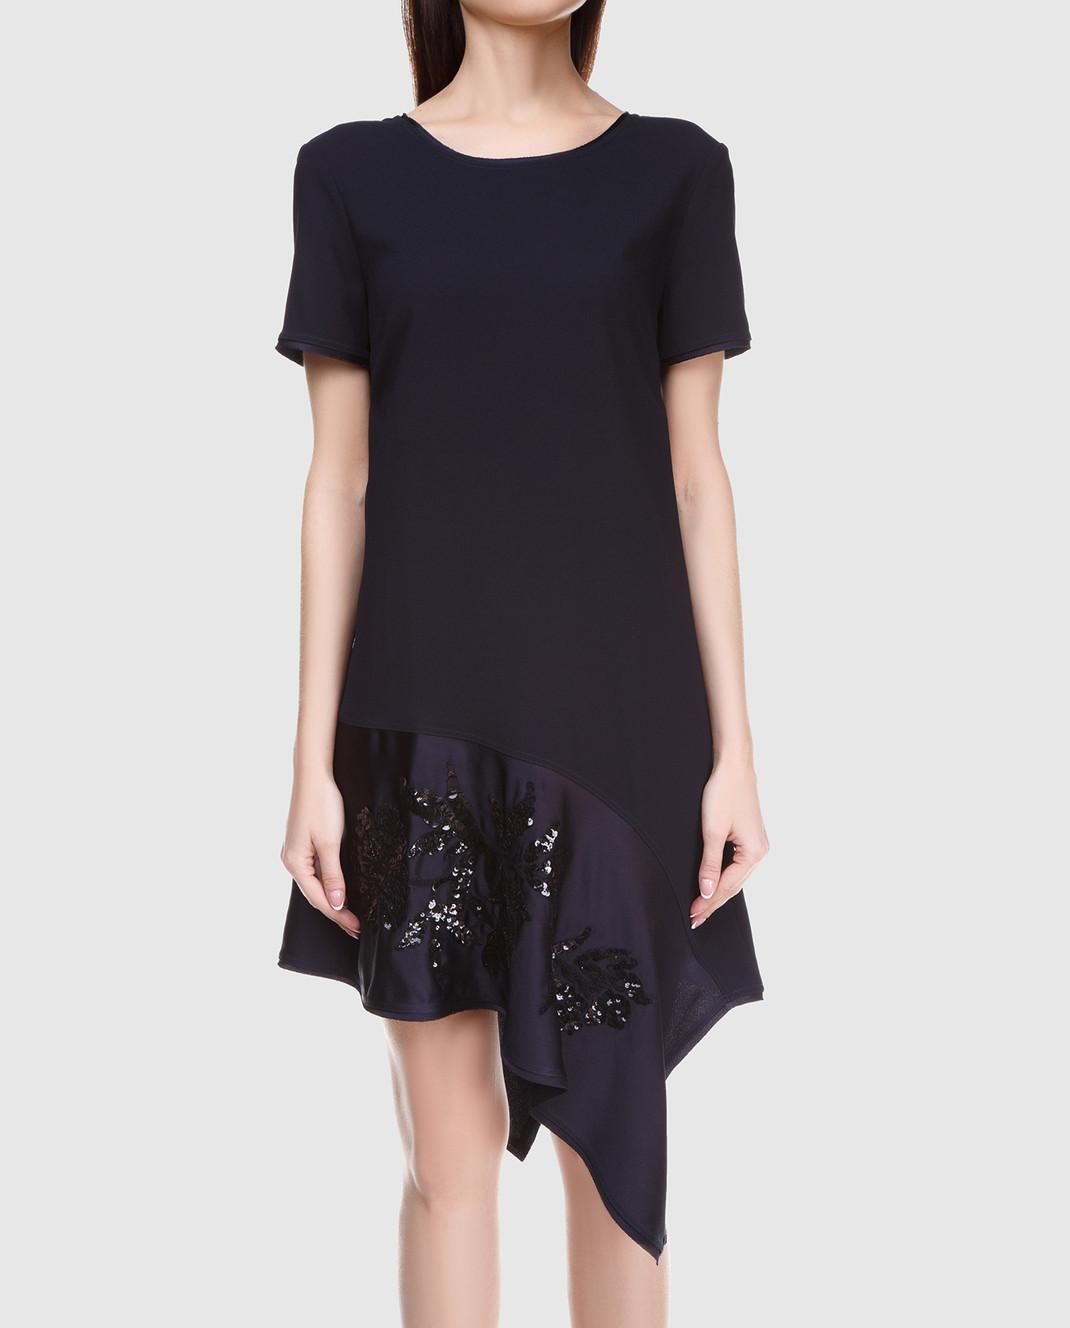 PAROSH Темно-синее платье с вышивкой пайетками D730224R изображение 3